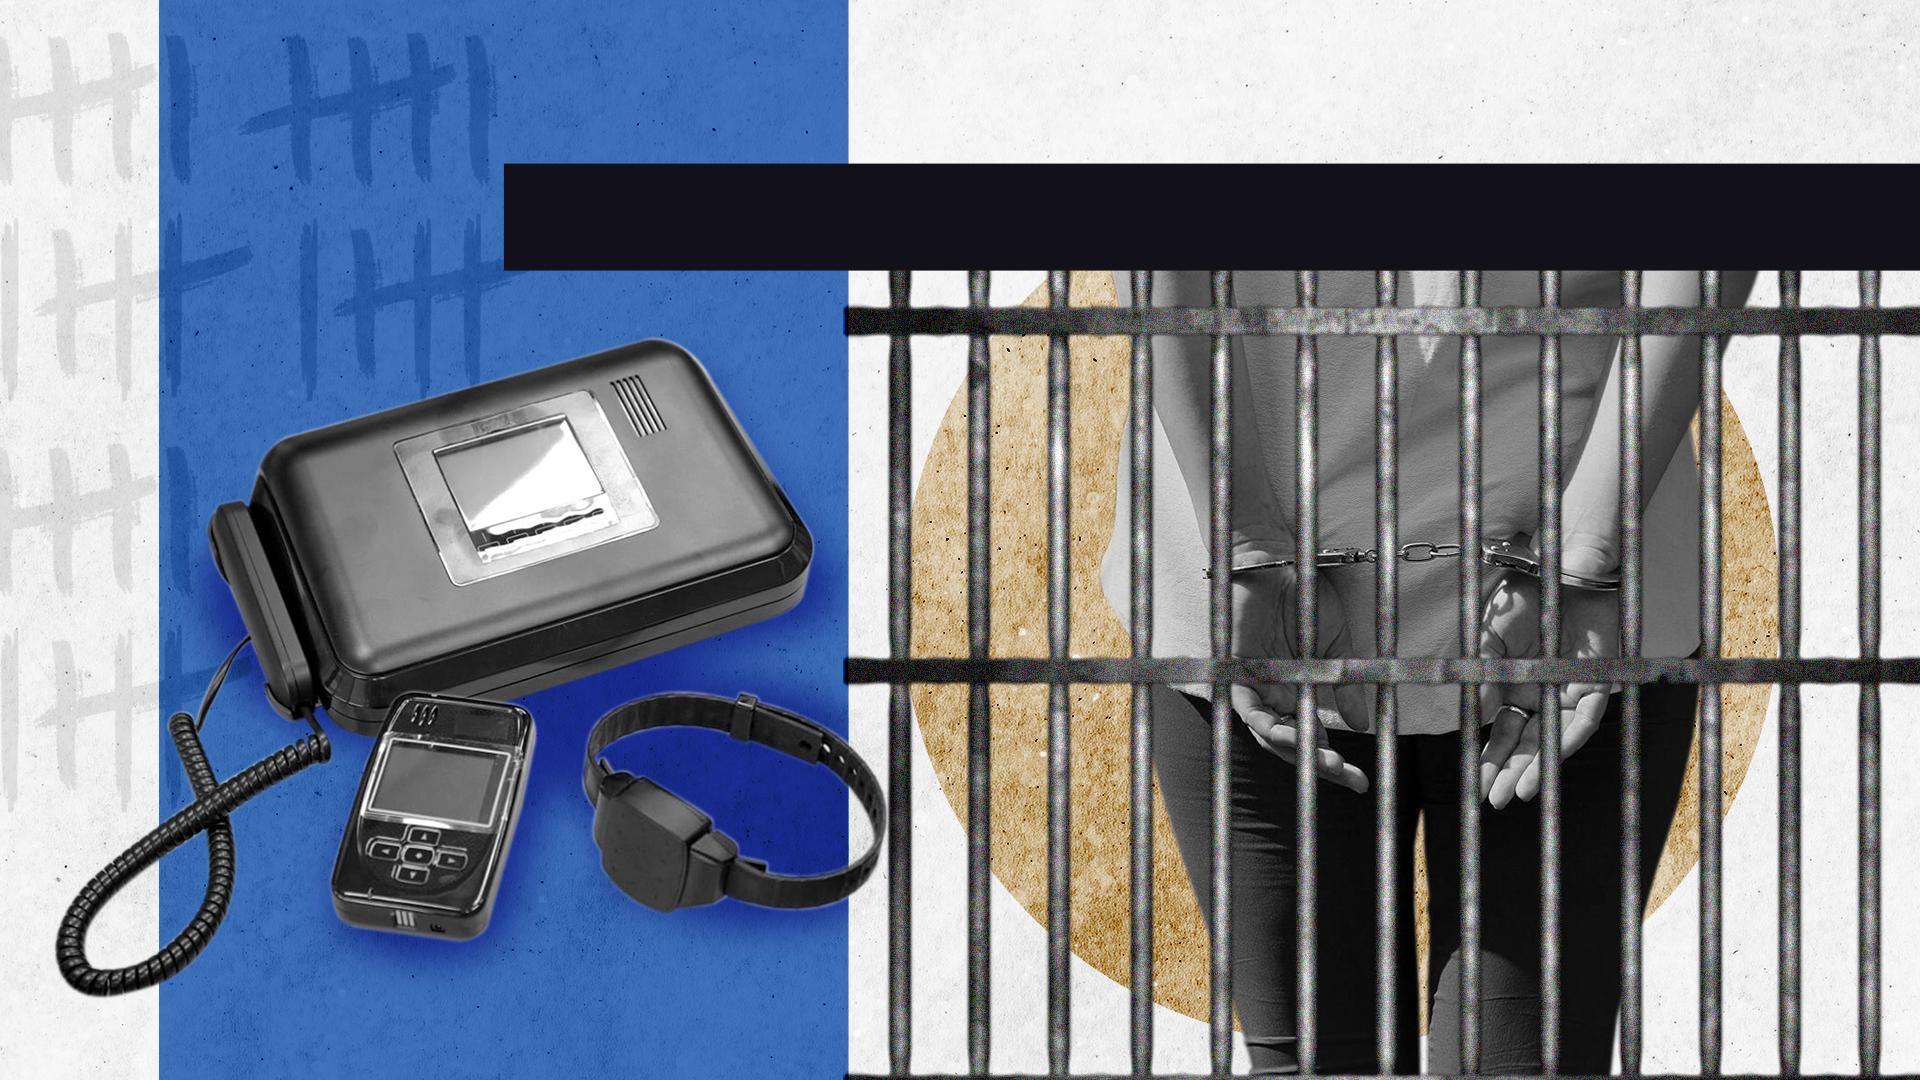 Menor reincidencia: en qué casos la prisión domiciliaria con tobillera electrónica demostró ser una mejor alternativa al encarcelamiento